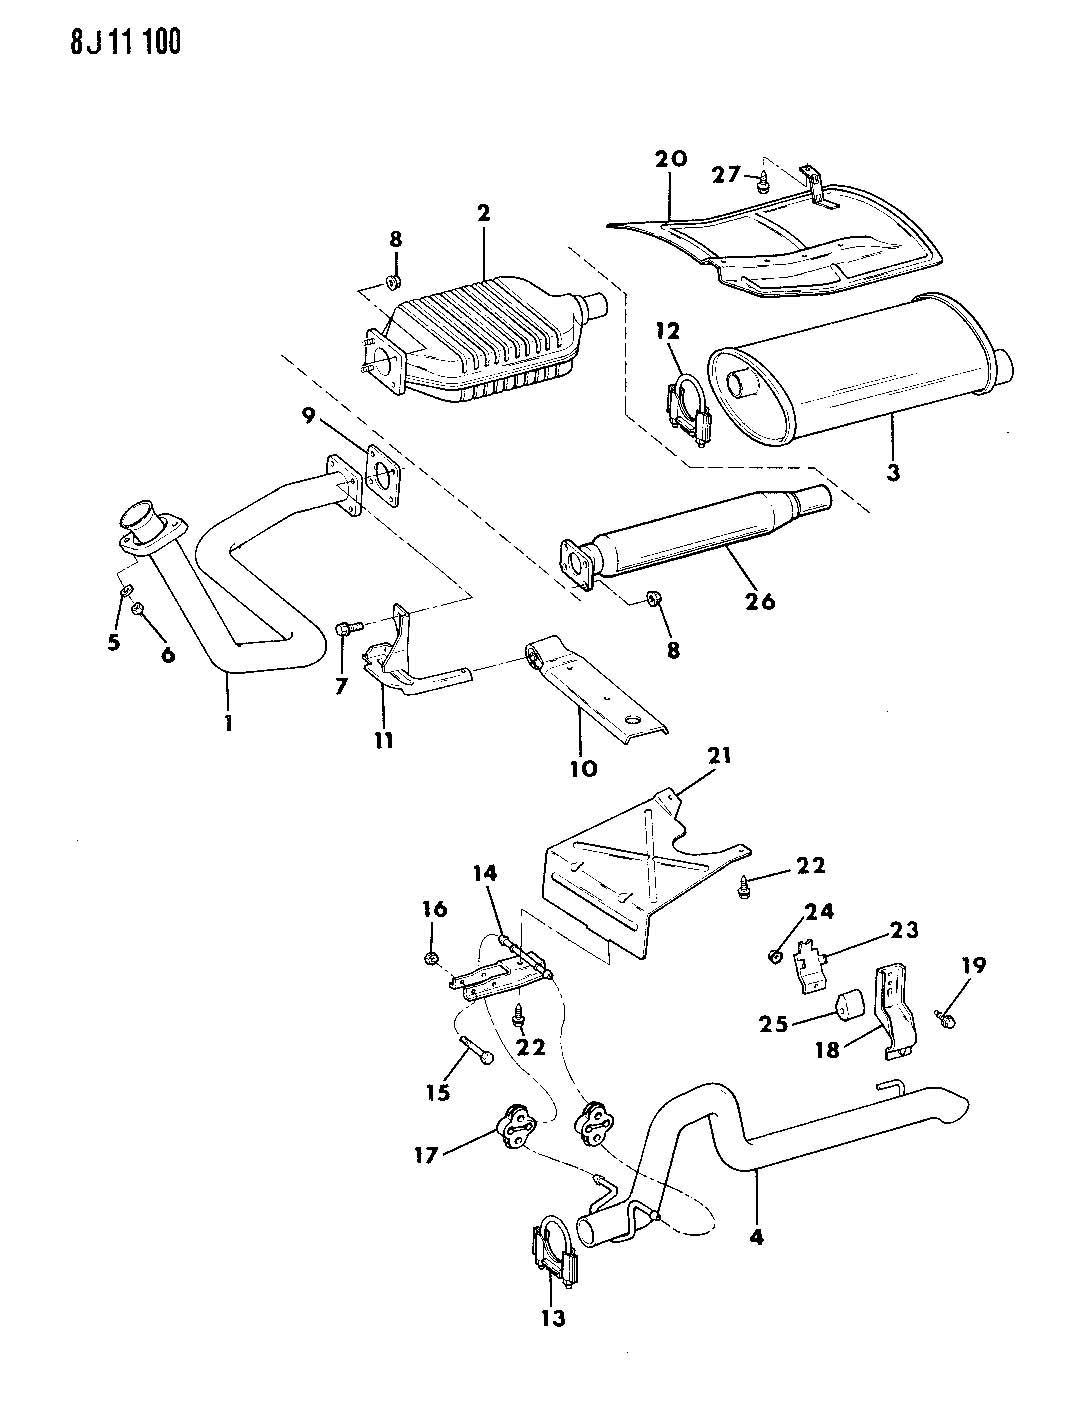 Jeep Wrangler Exhaust System Diagram Car Interior Design